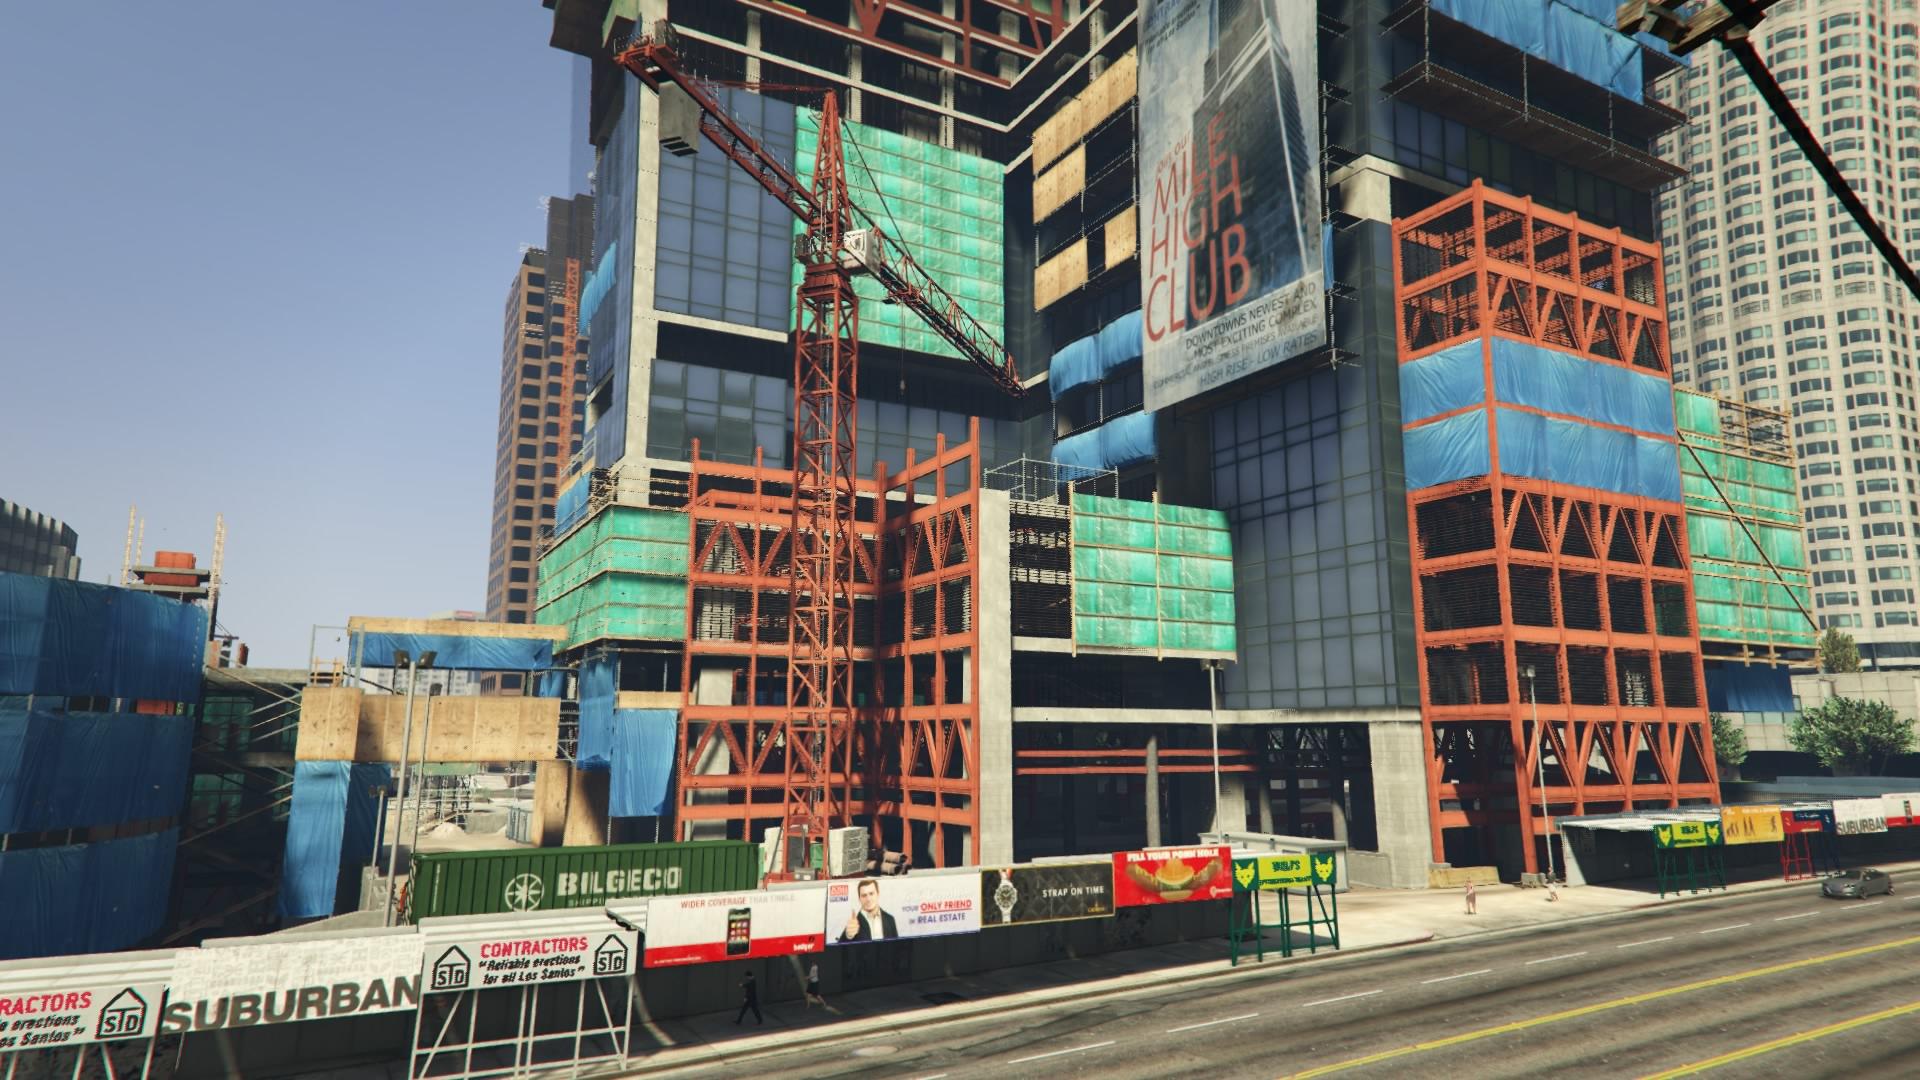 Энтузиасты скоро выпустят мод для GTA V, который завершит строительство Mile High Club и добавит новый контент